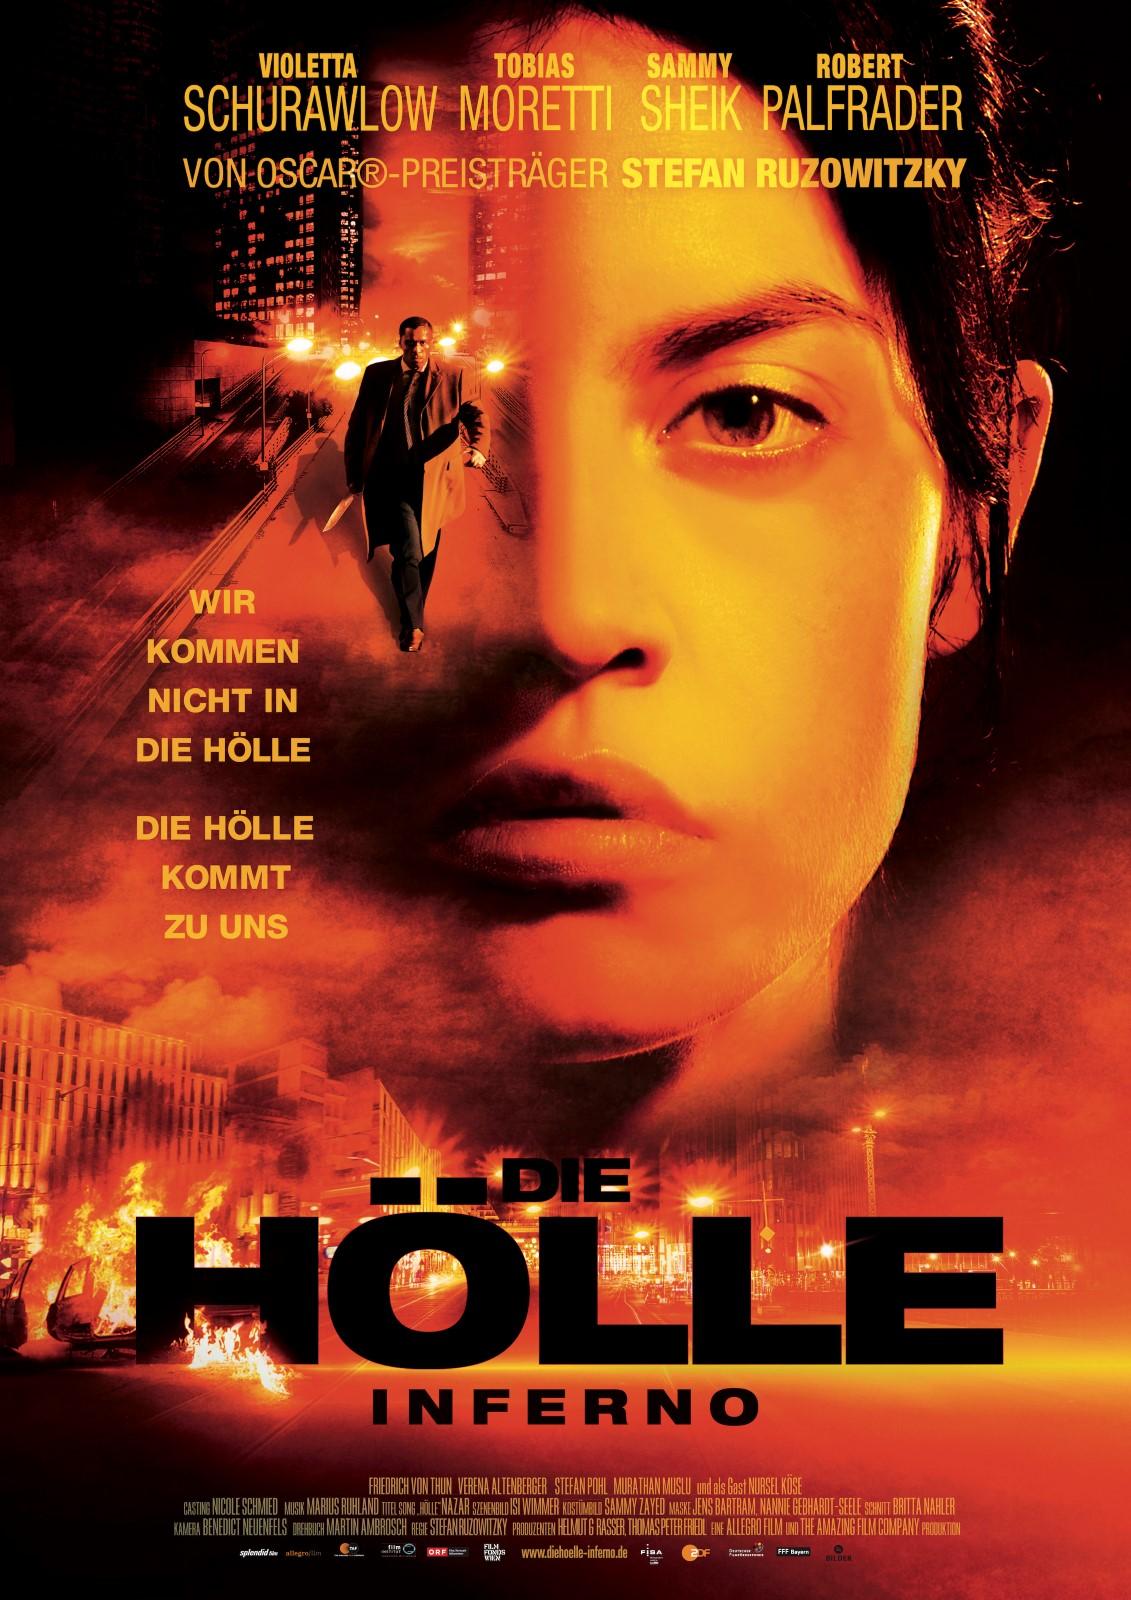 Die Hölle - Inferno - Film 2017 - FILMSTARTS.de